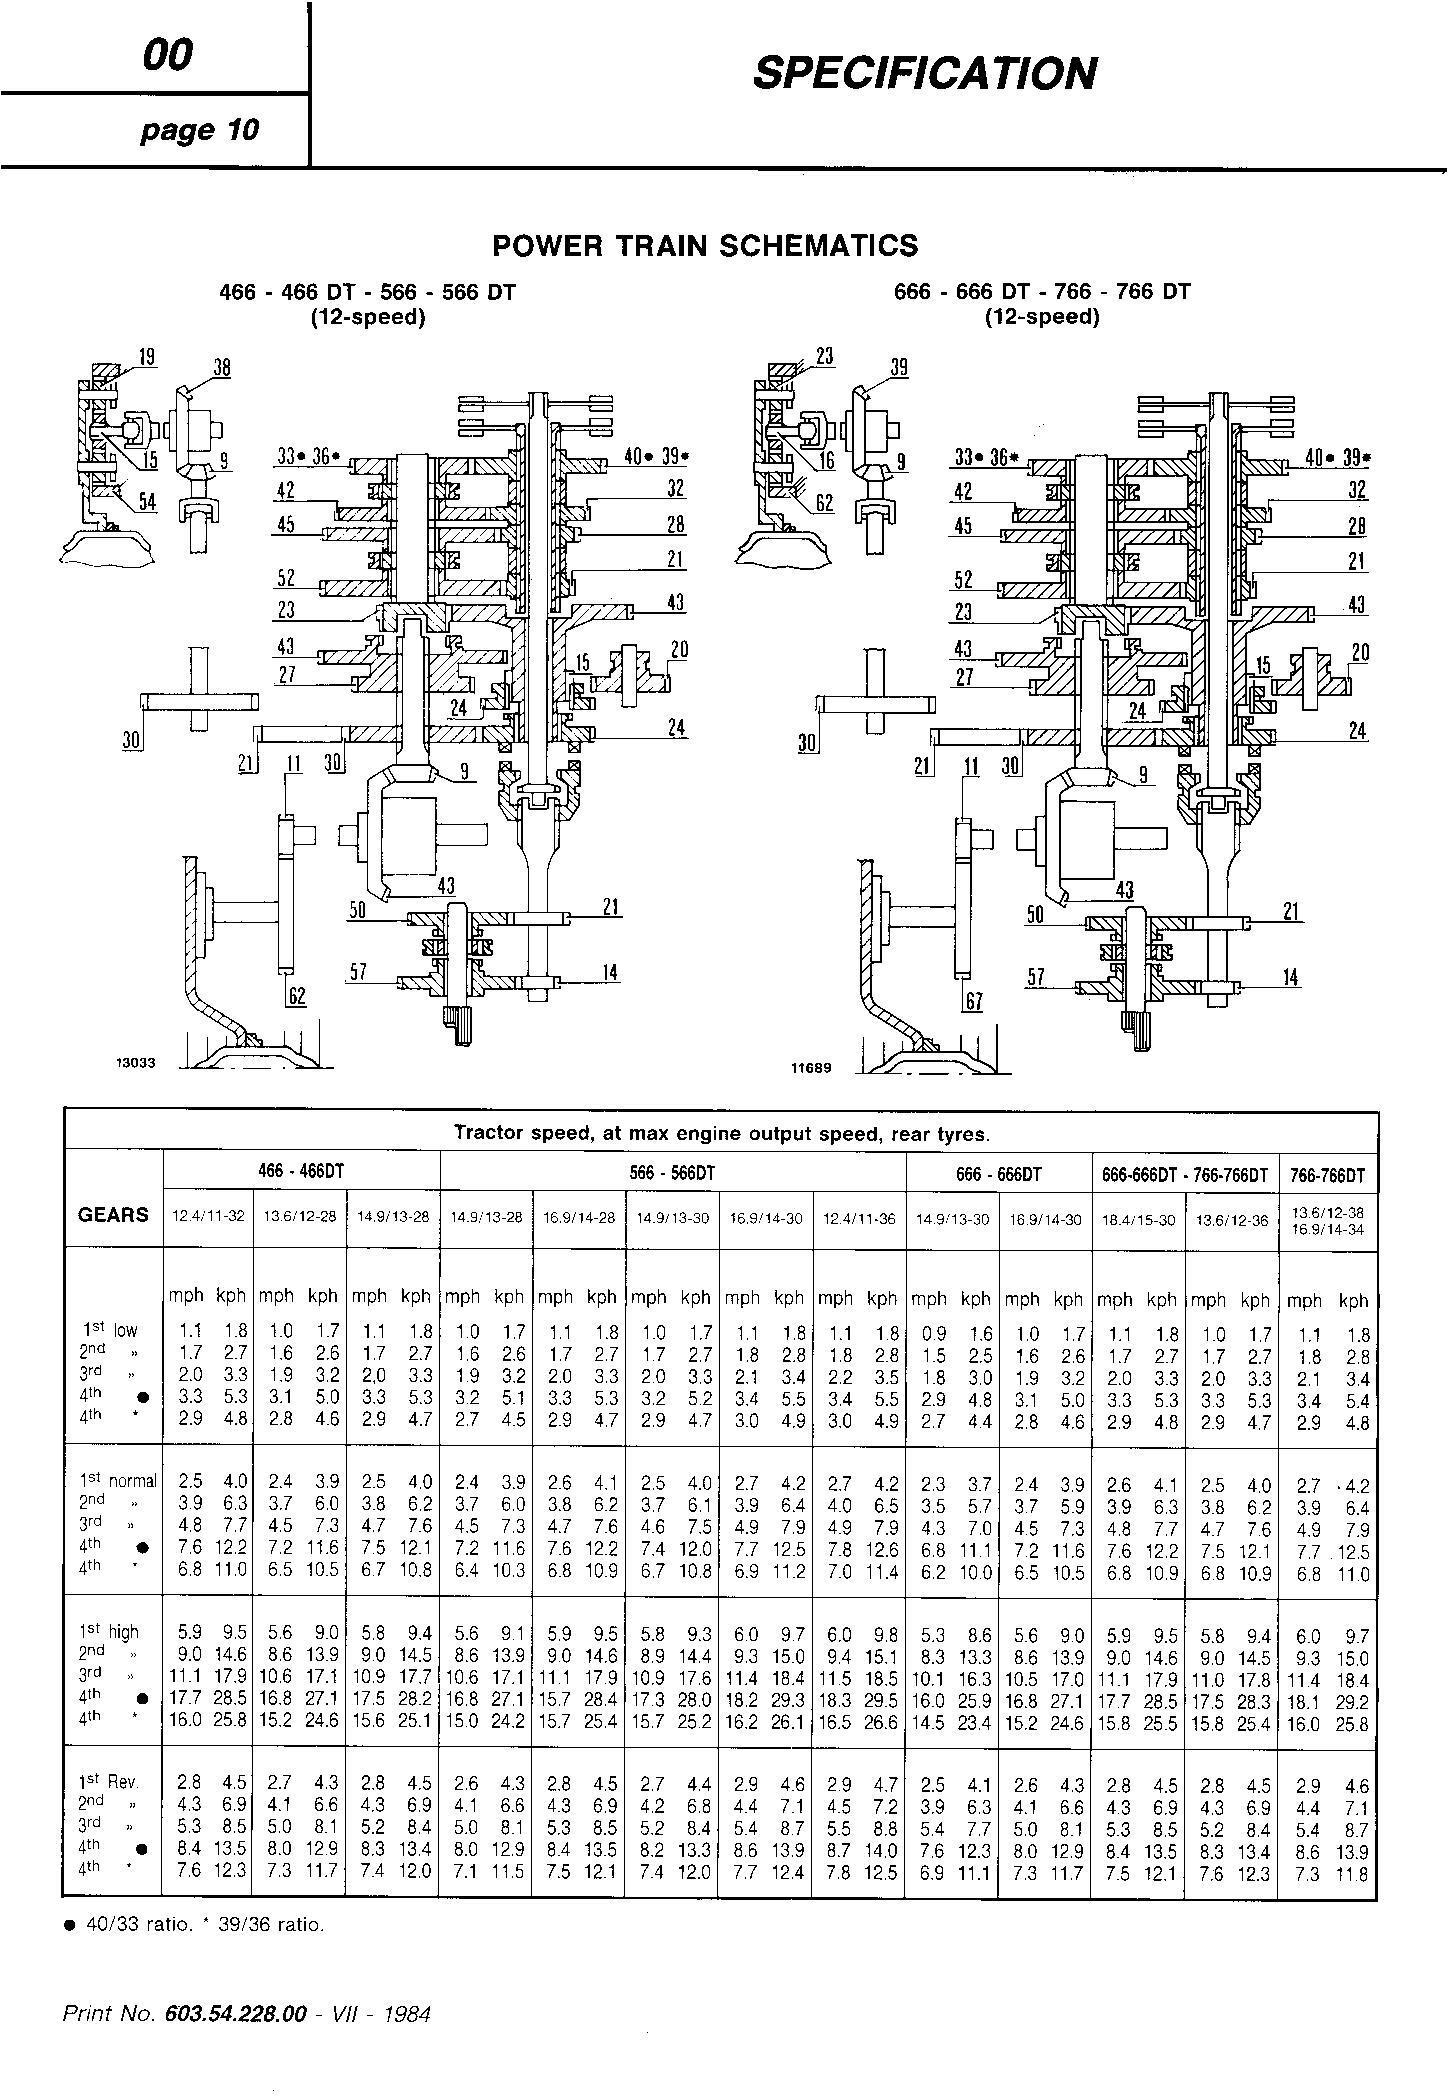 Fiat 466, 466DT, 566, 566DT, 666, 666DT, 766, 766DT Tractor Service Manual (6035422800) - 2